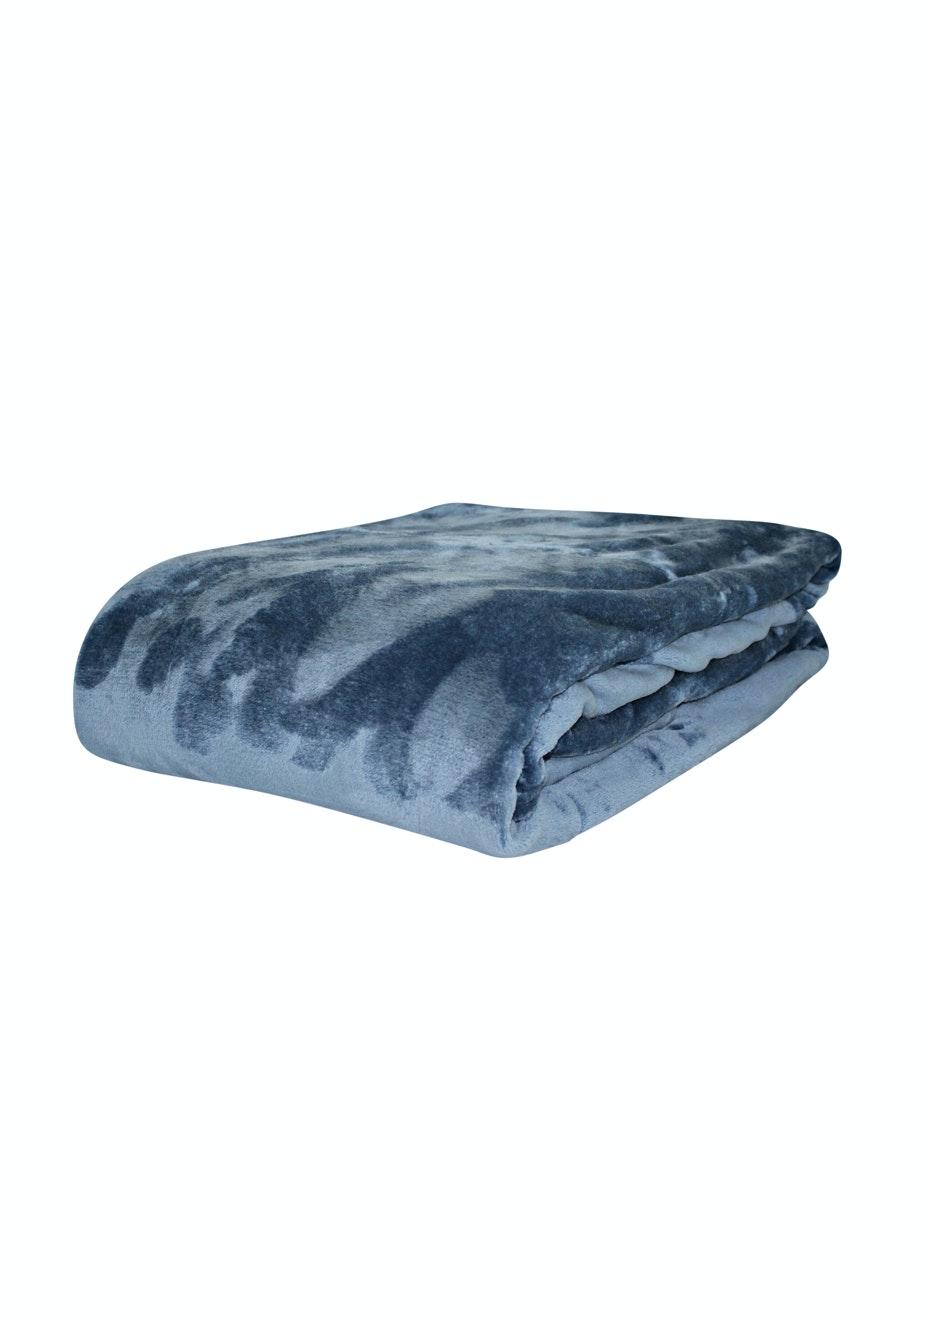 Super Soft Blanket - Dark Denim - Queen/King